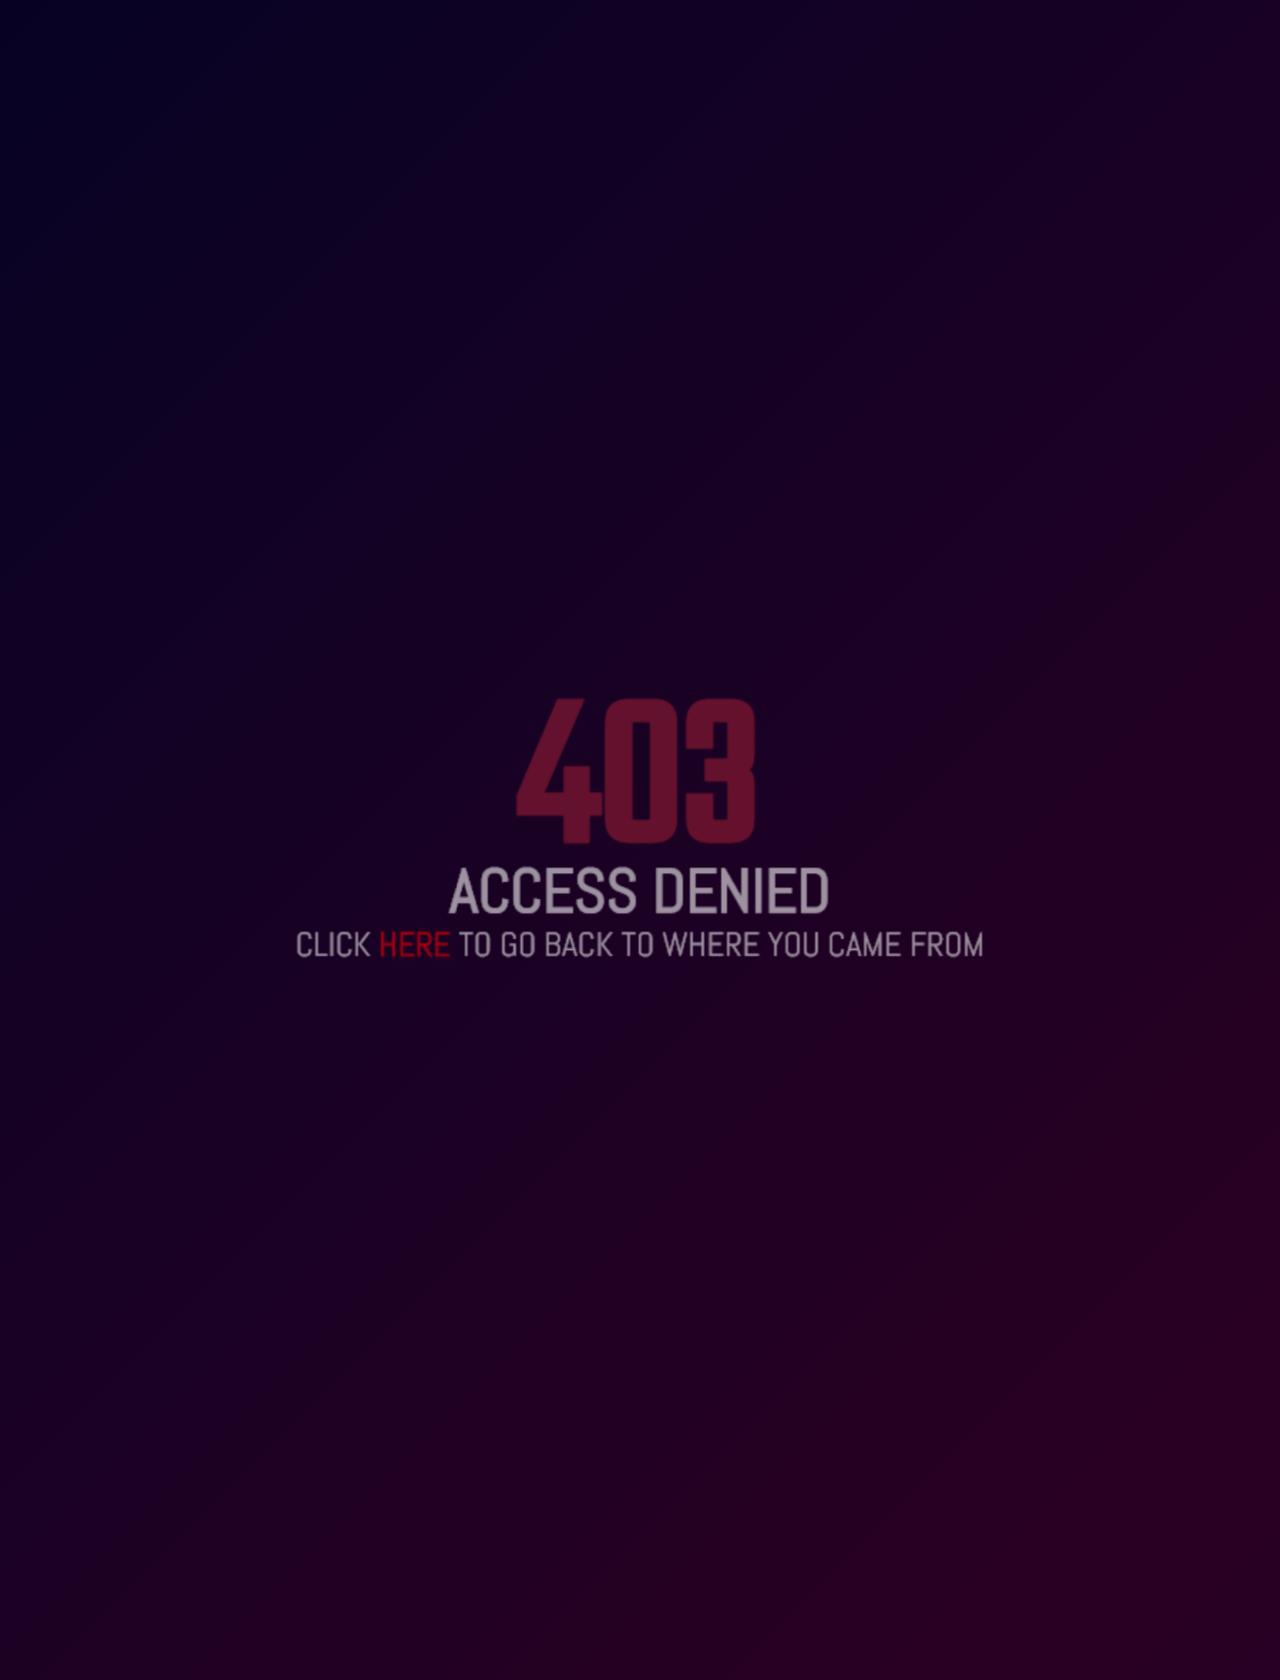 Screenshot Desktop - https://eu2.embyte.net/403/